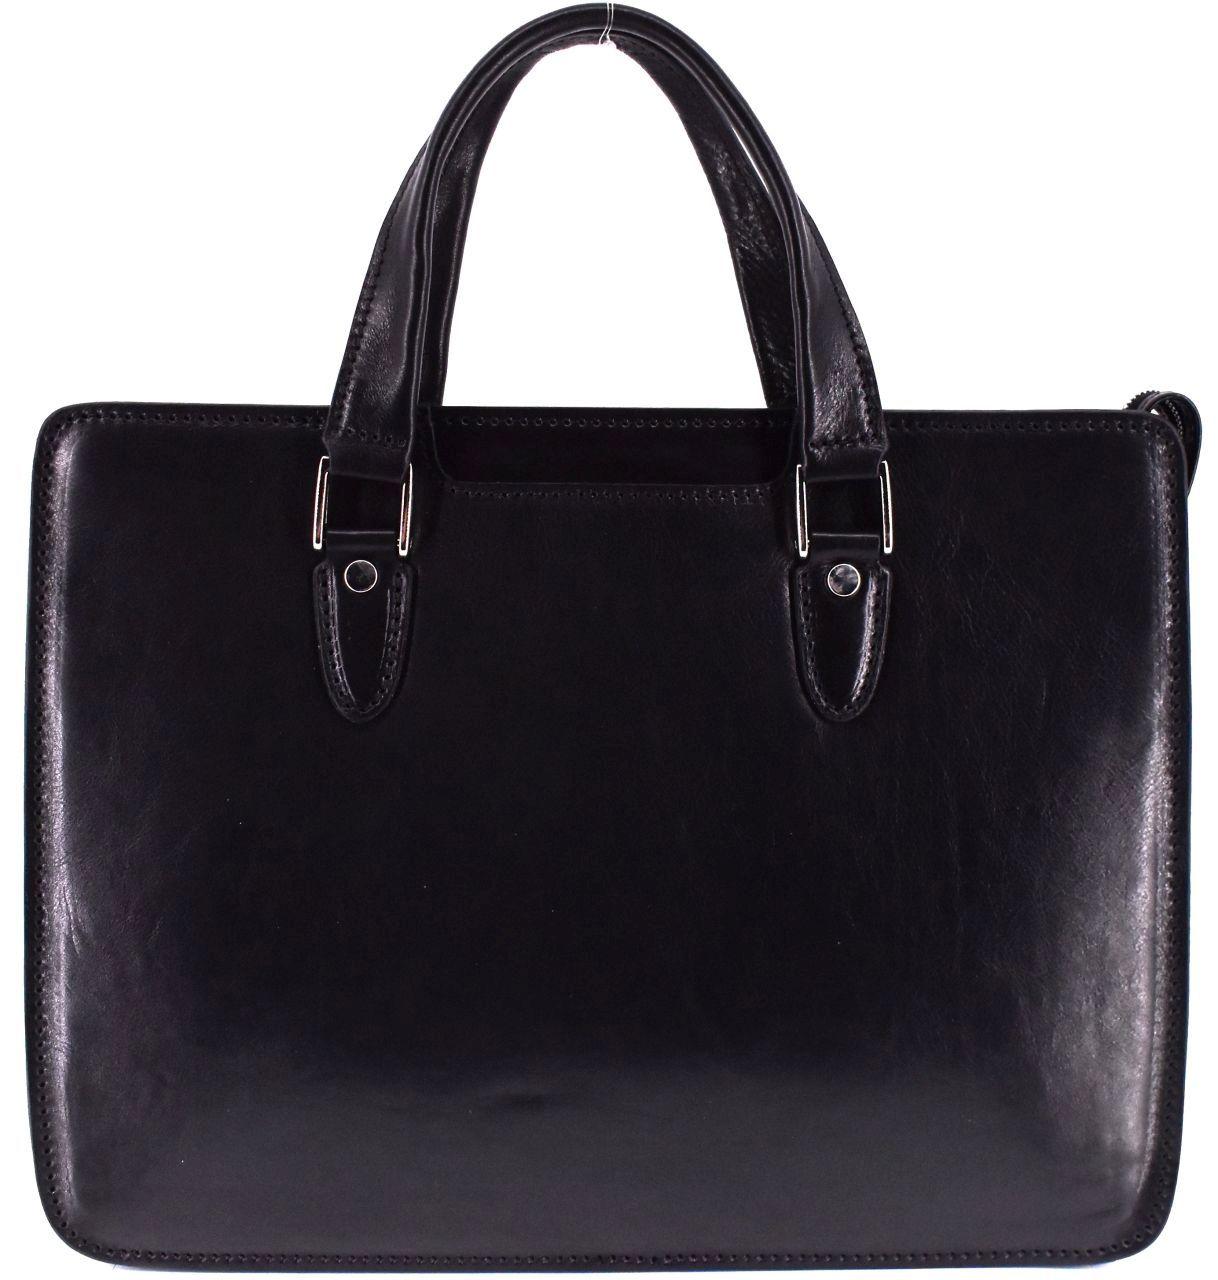 Luxusní dámská kožená kabelka Arteddy - černá 36963